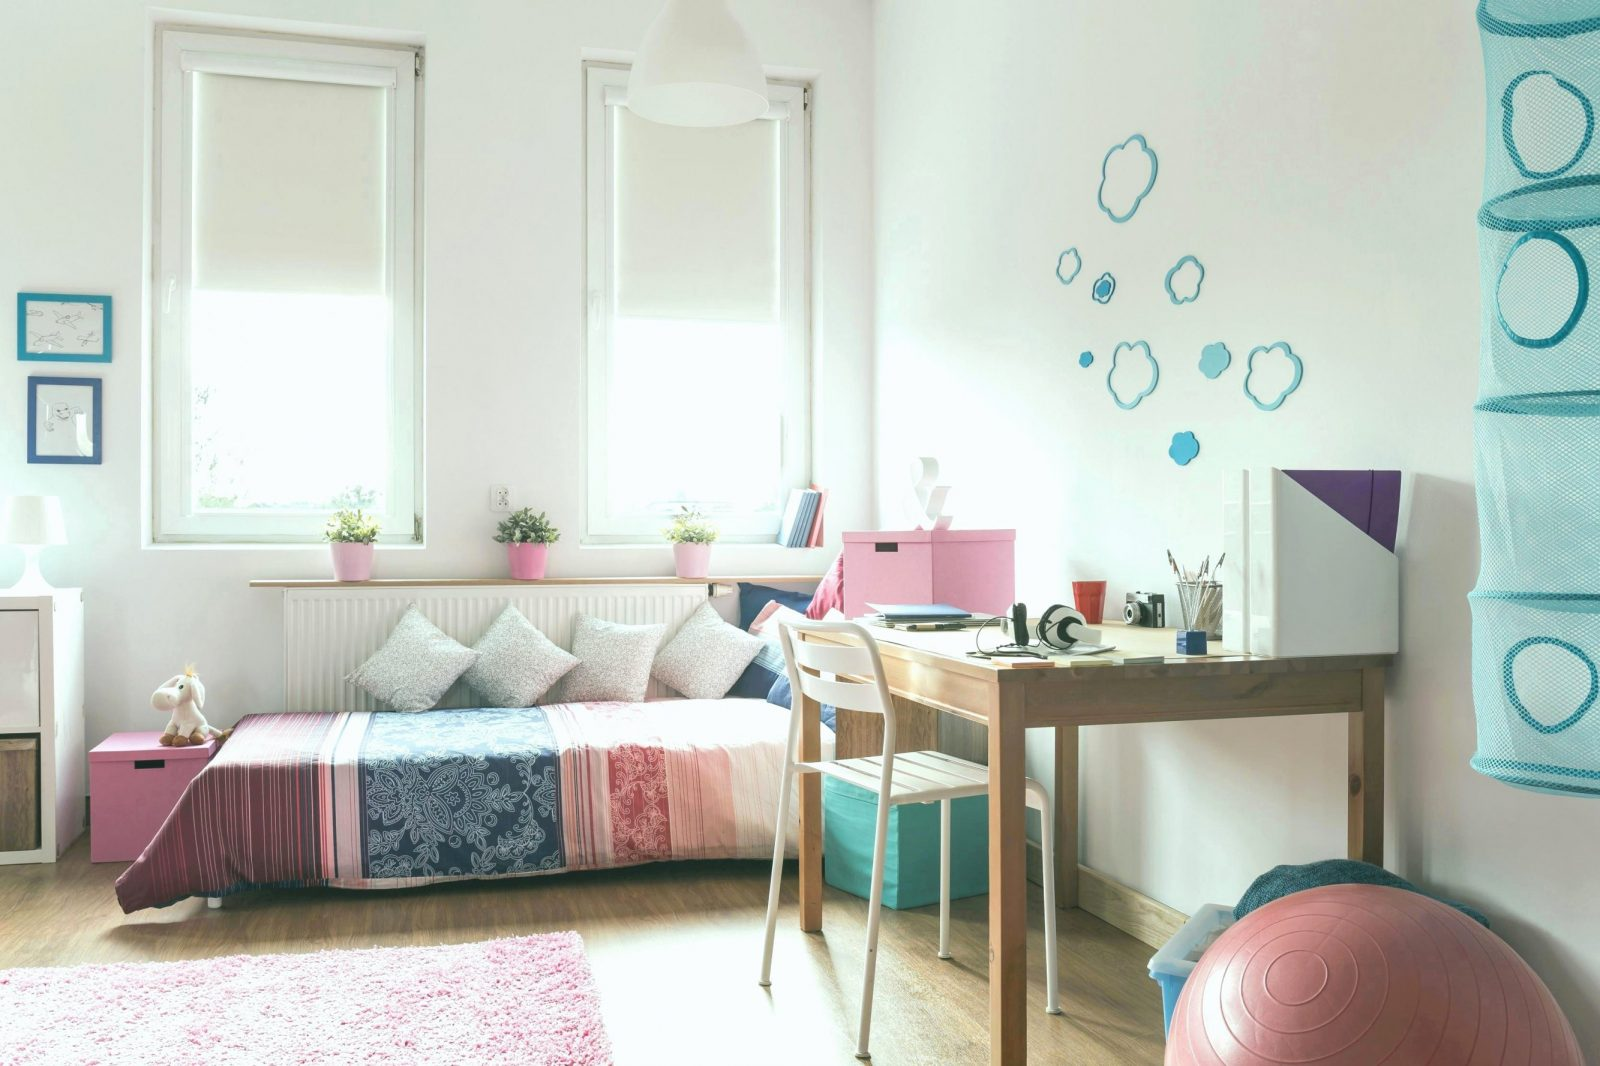 Fototapete Jugendzimmer Mädchen Luxus 46 Neu Bilder Von Tapeten Für von Tapeten Für Jugendzimmer Mädchen Photo